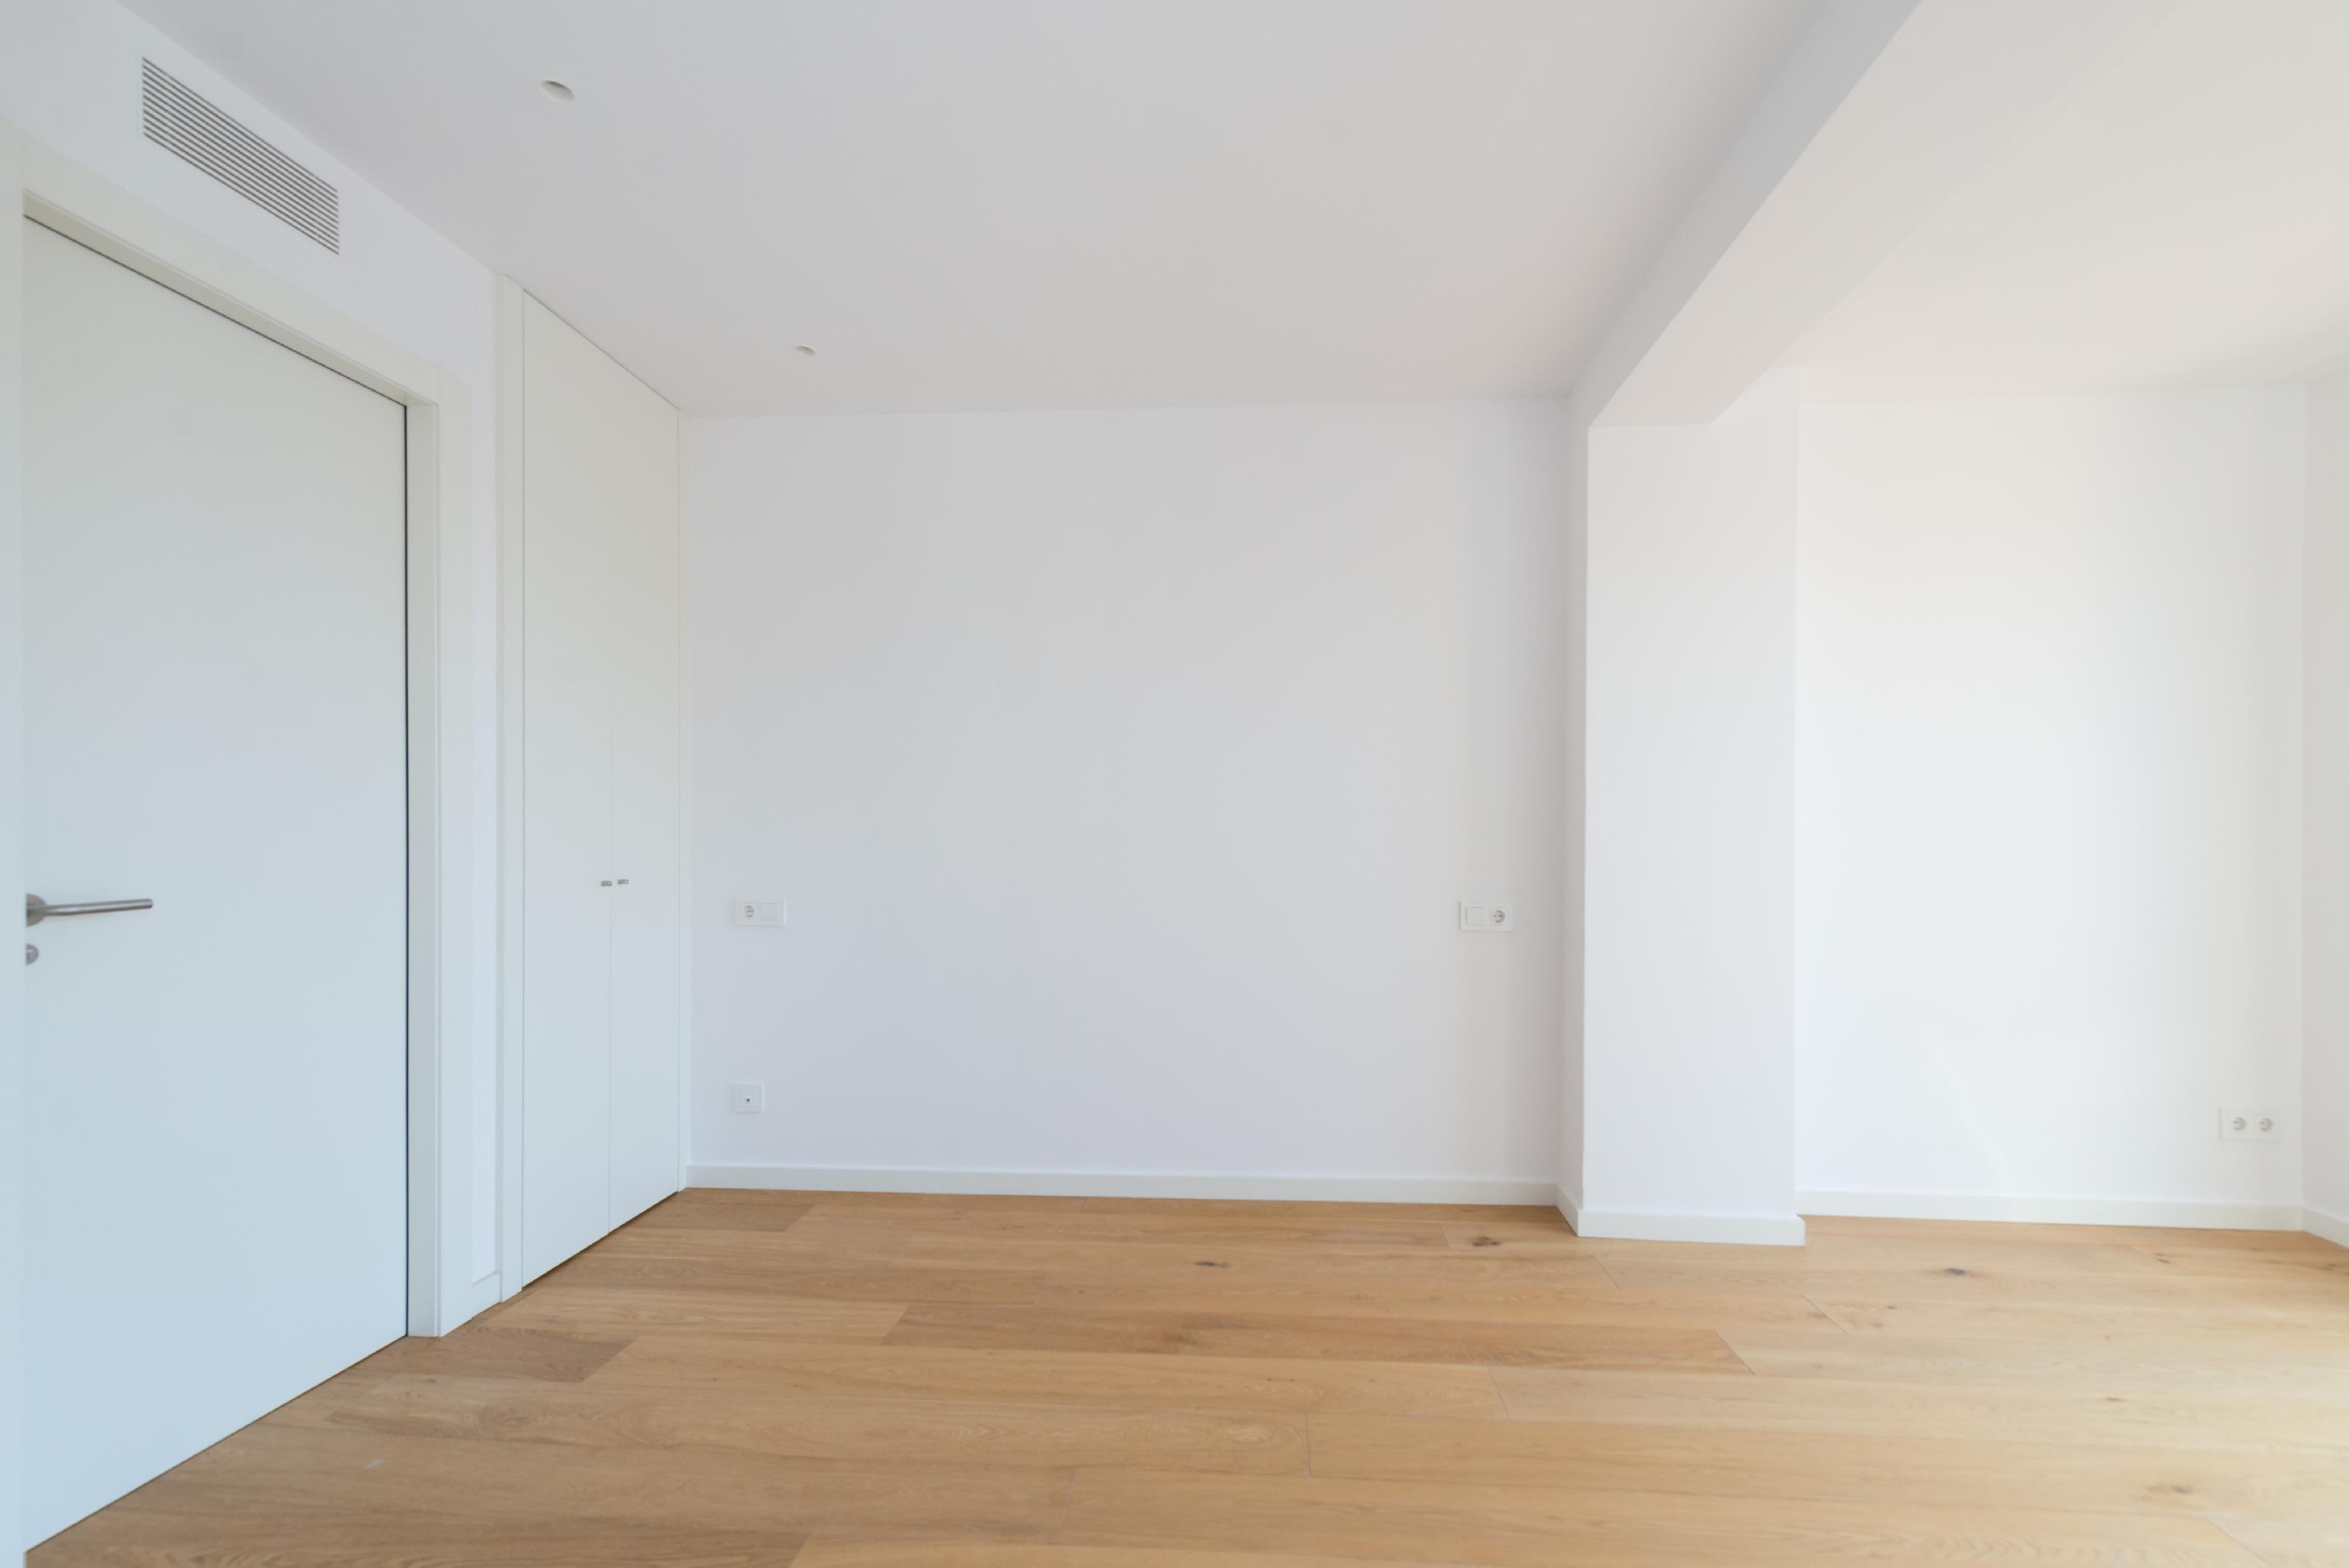 246482 Flat for sale in Eixample, Antiga Esquerre Eixample 18